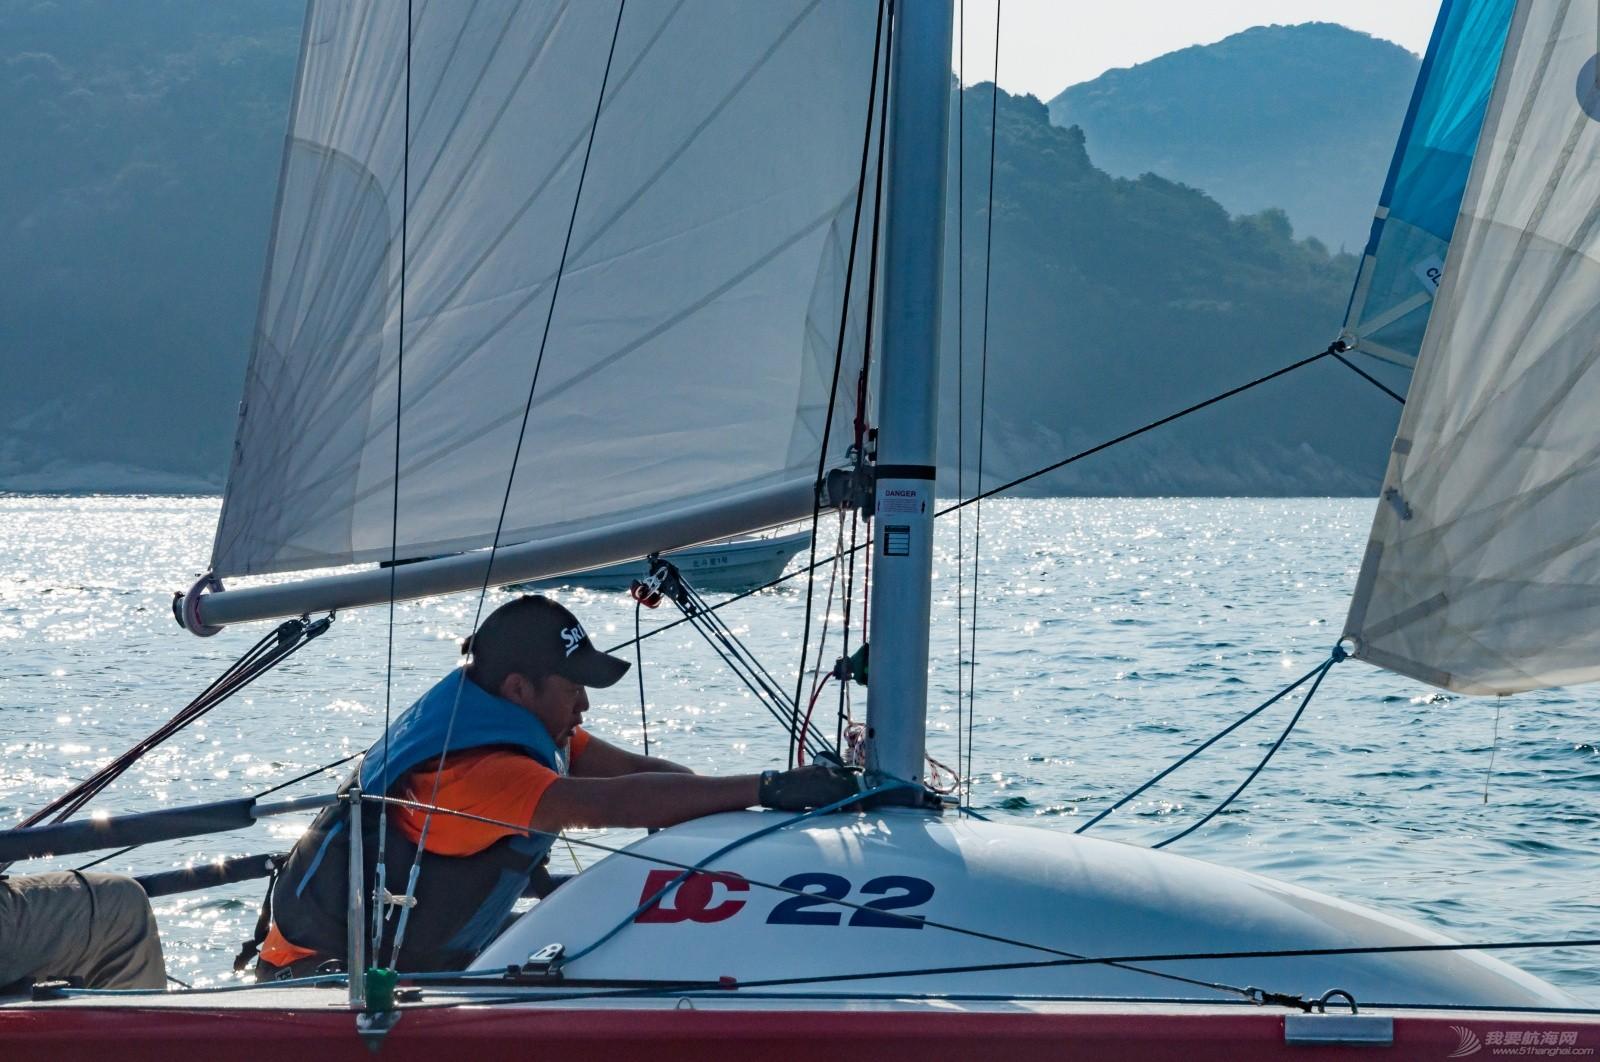 【2015大鹏杯帆船赛】22号下午第一辑(54图) s026.jpg